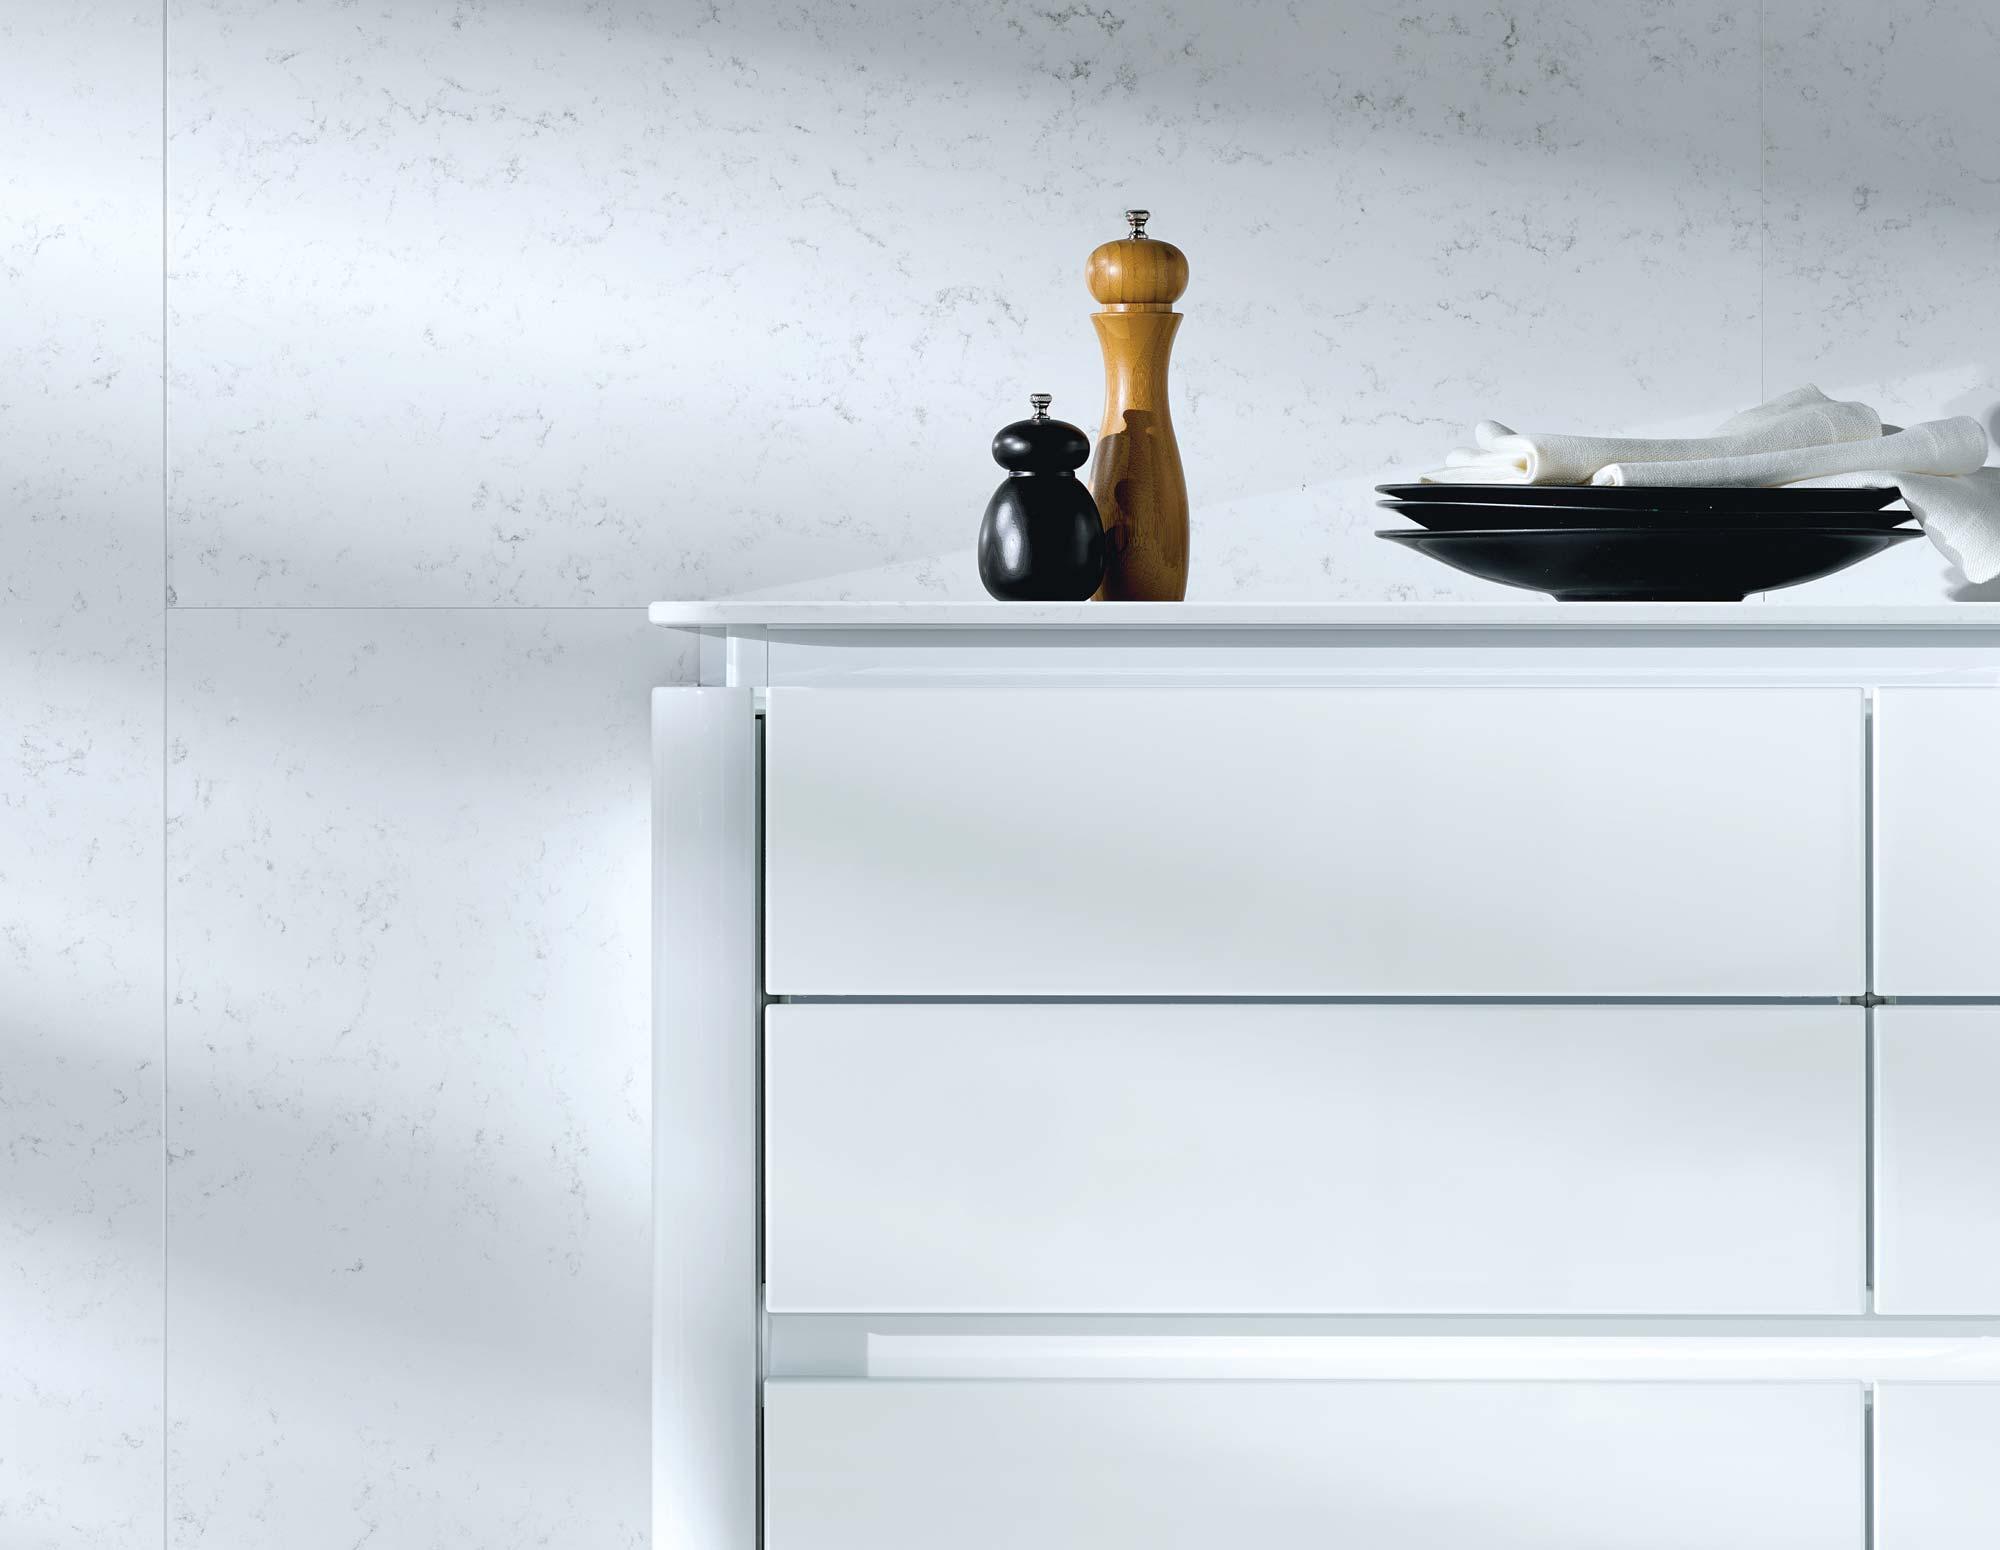 Full Size of Unterschrank Küche 50 Cm Breit Unterschrank Küche Mit Schubladen Unterschrank Küche Weiß Unterschrank Küche Weiß Hochglanz Küche Unterschrank Küche